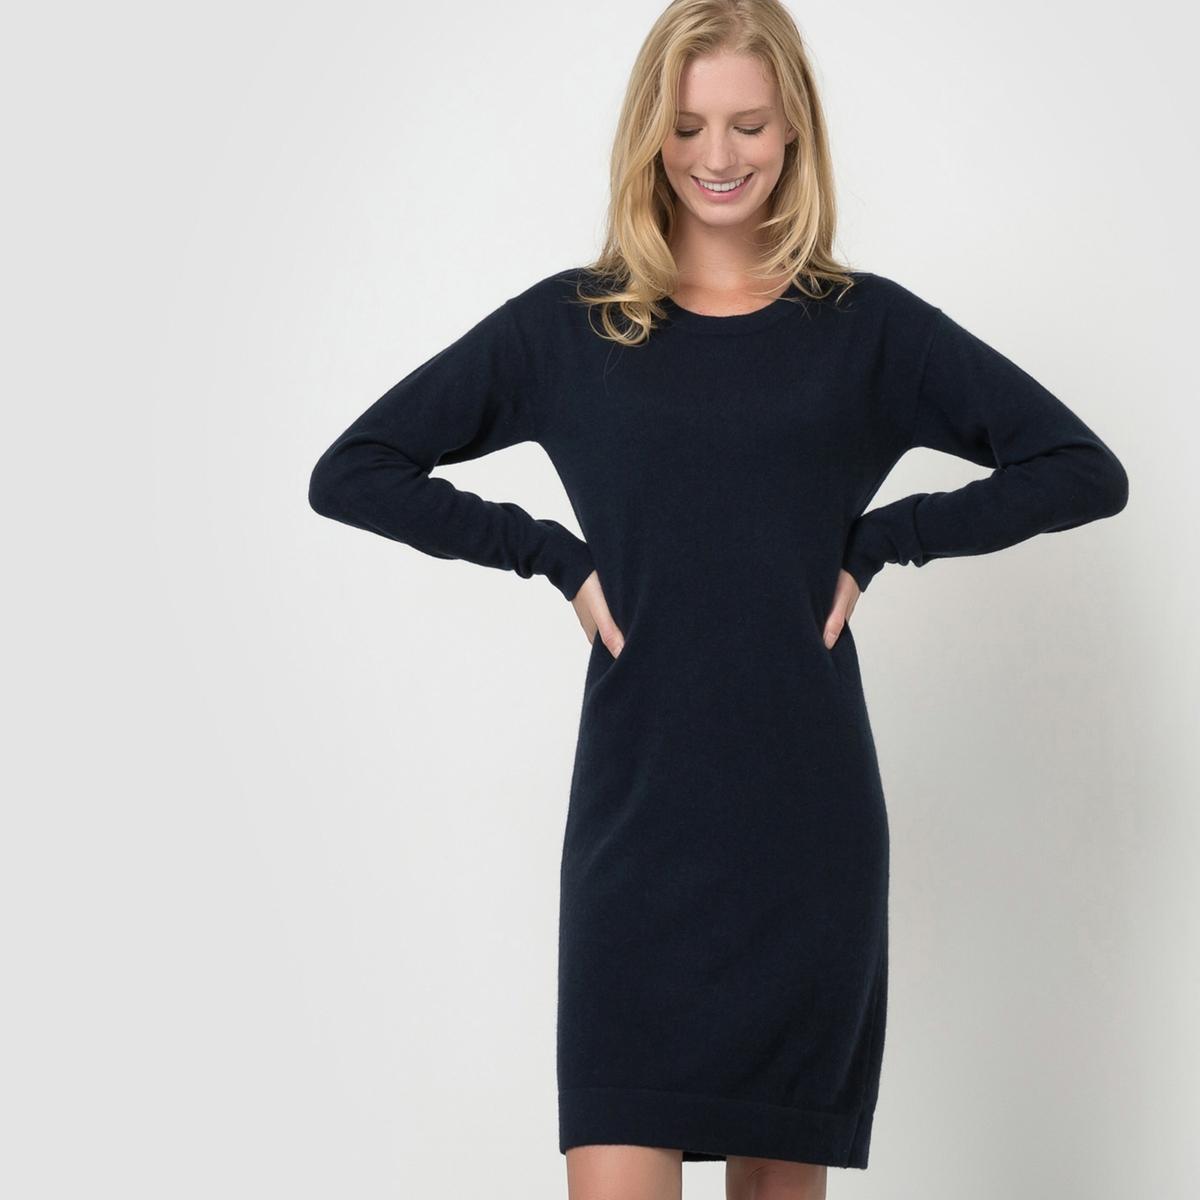 Платье-пуловер из 100% кашемираСостав и описаниеМатериал: 100% кашемирДлина: 95 смМарка: atelier RКАЧЕСТВО BEST УходРучная стиркаРасправить сразу же после стиркиСушить в расправленном виде.Гладить при умеренной температуре<br><br>Цвет: серый меланж,темно-синий<br>Размер: 42/44 (FR) - 48/50 (RUS).38/40 (FR) - 44/46 (RUS)